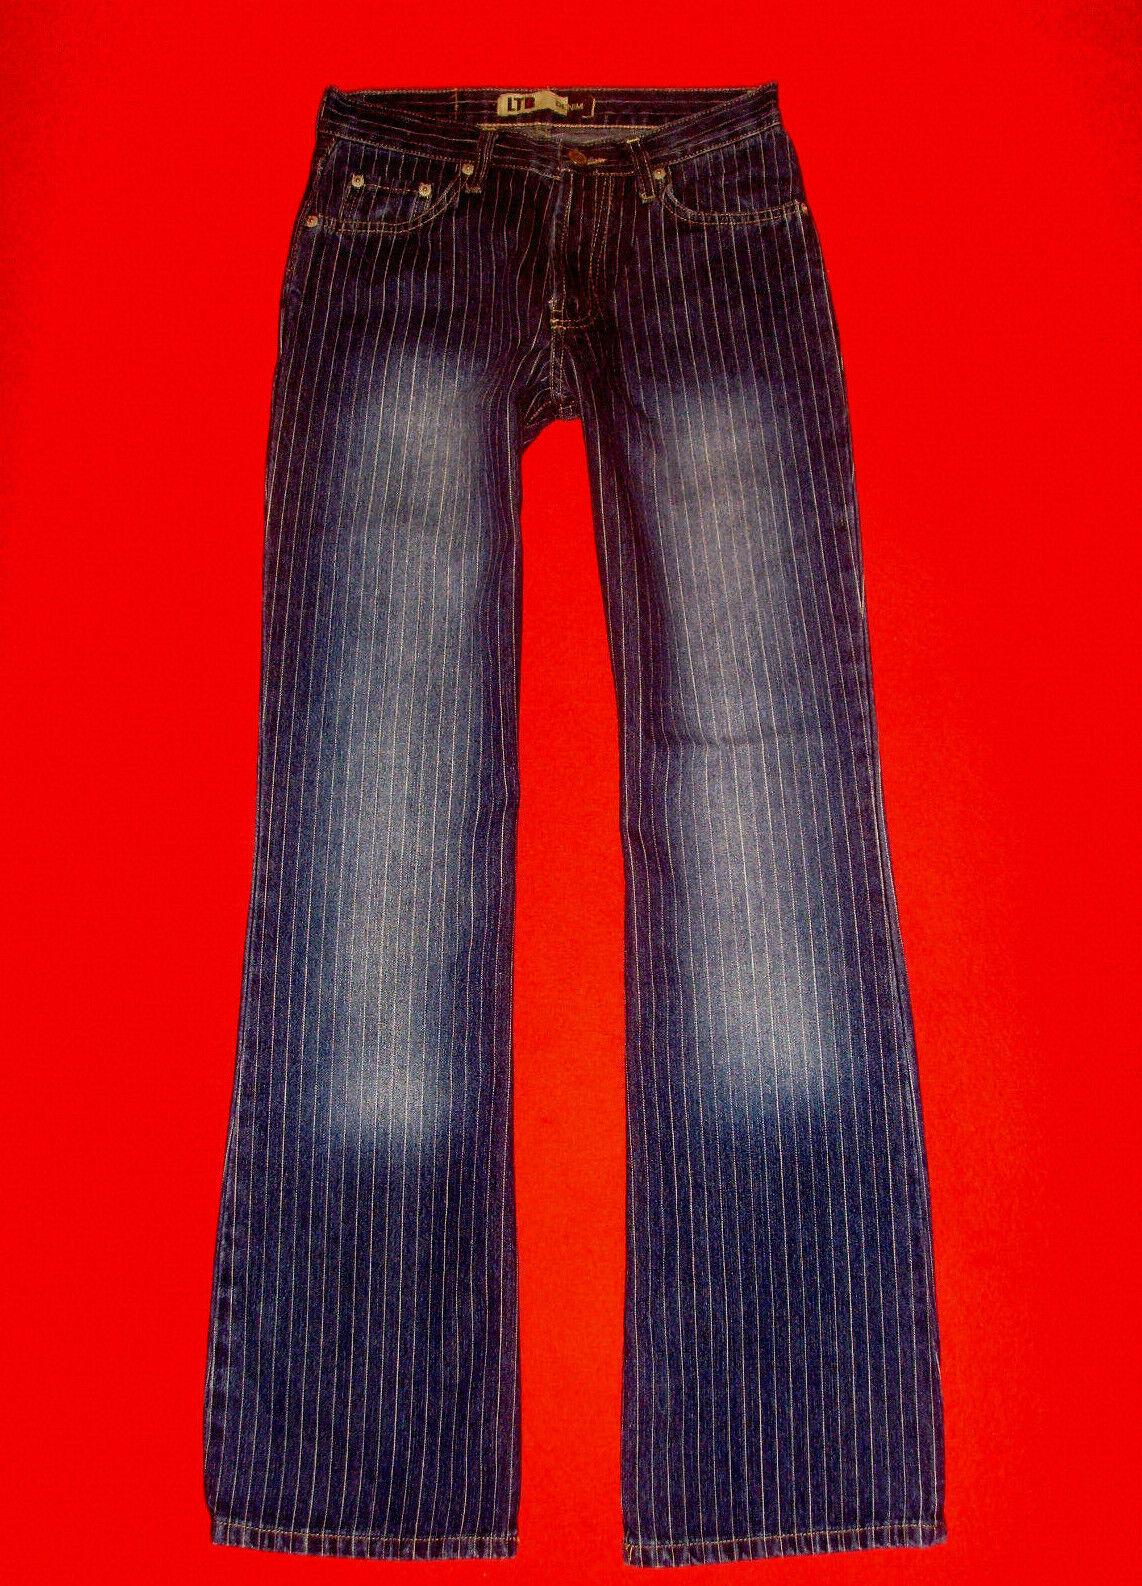 LTB Jeans Flared HIGH WAIST blu DENIM gessato gessato gessato w28 l32 NUOVA    TOP    b7872d